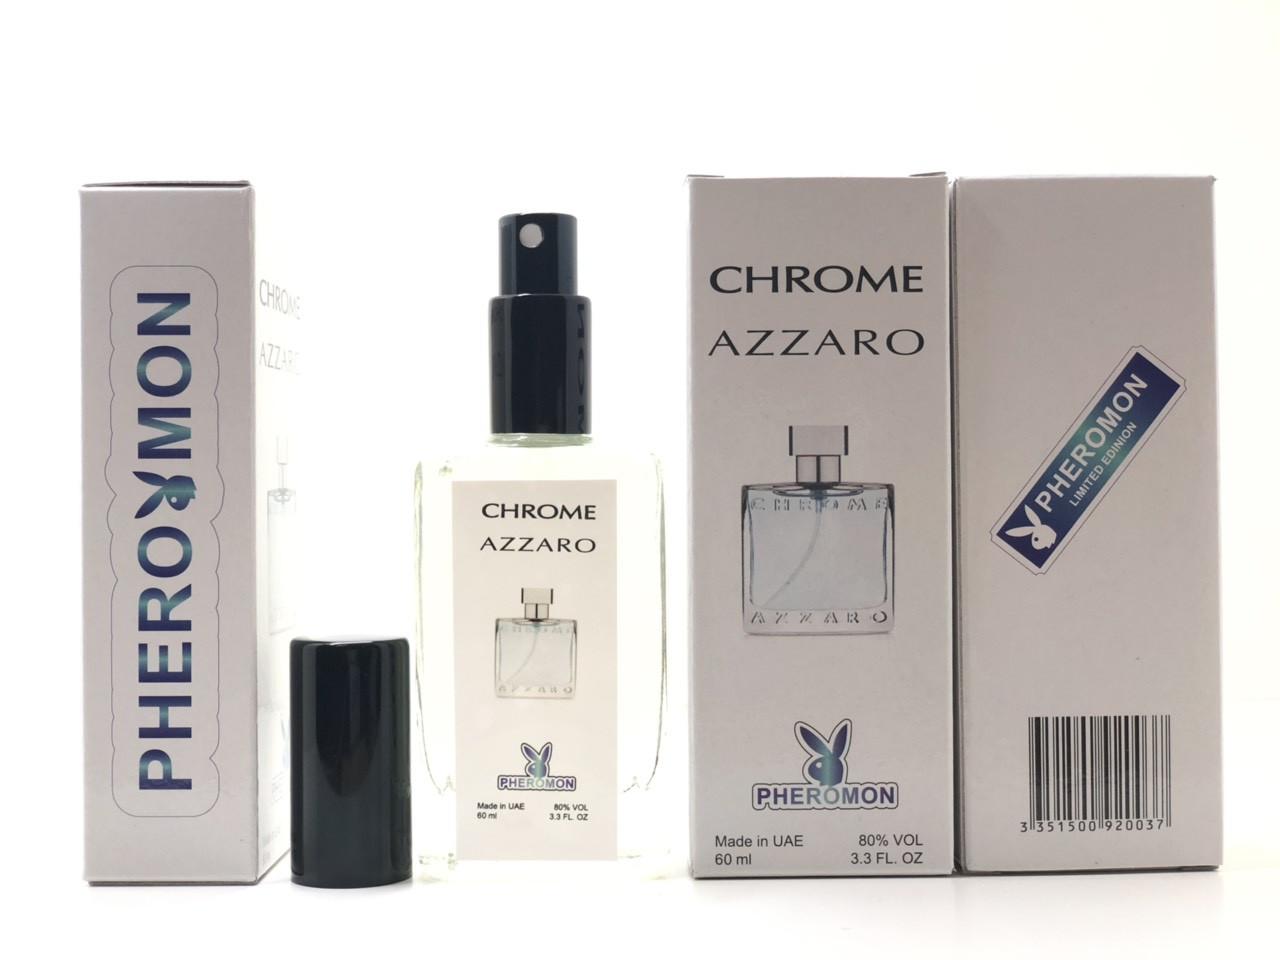 Мужской аромат Azzaro Chrome (Аззаро Хром) с феромонами 60 мл